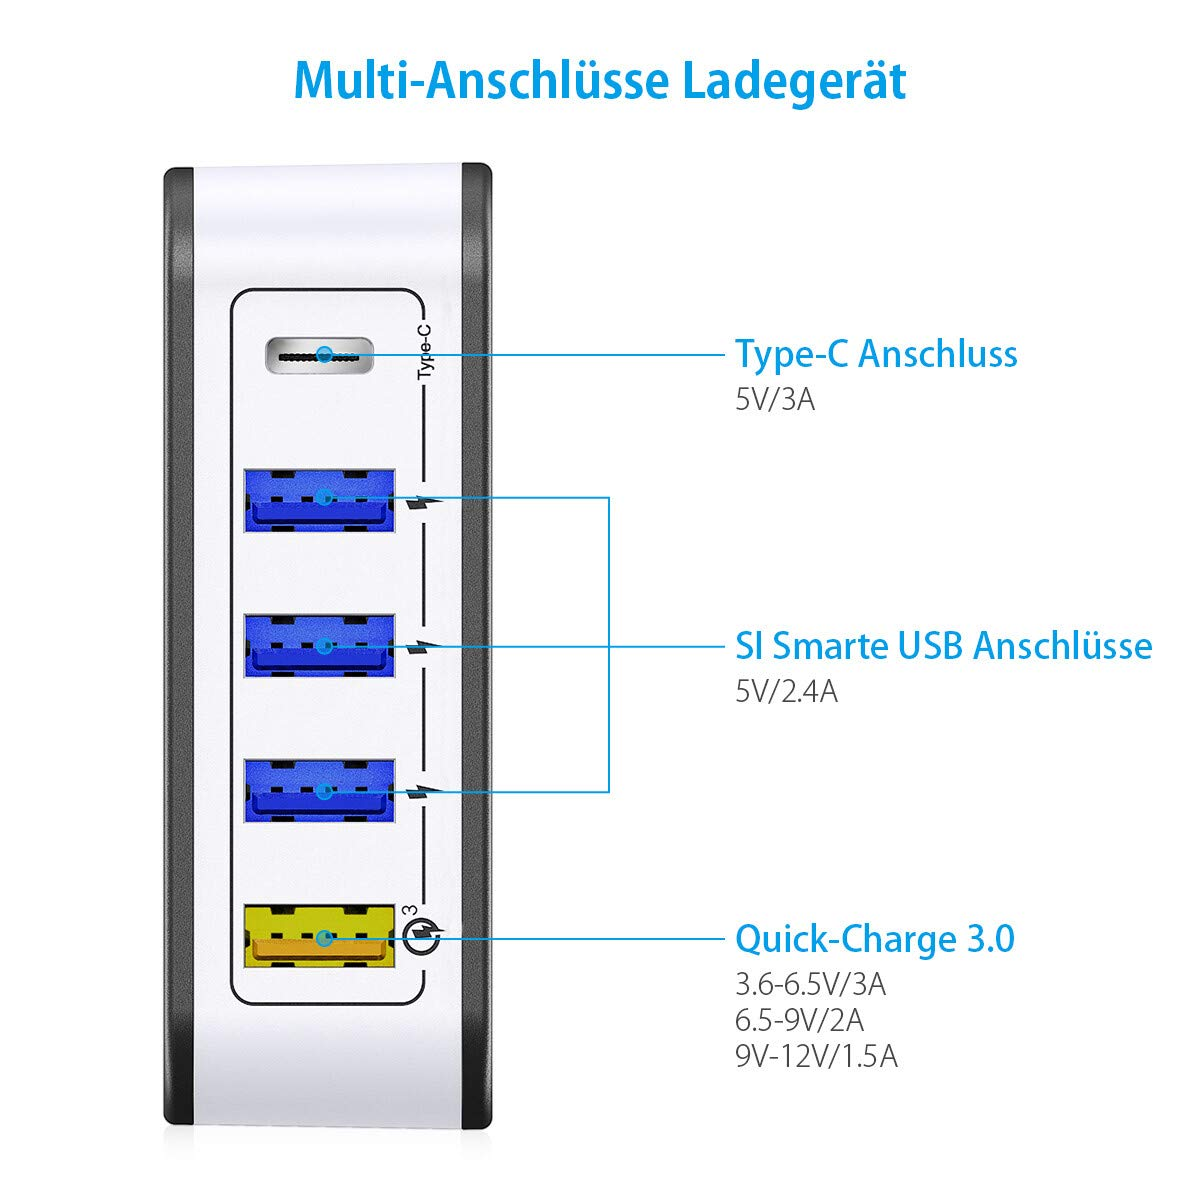 POWERADD 45W Quick Charge 3,0 Ladeadapter 4 Ports Automatische Erkennung USB Ladegerät, Netzteile mit Type C